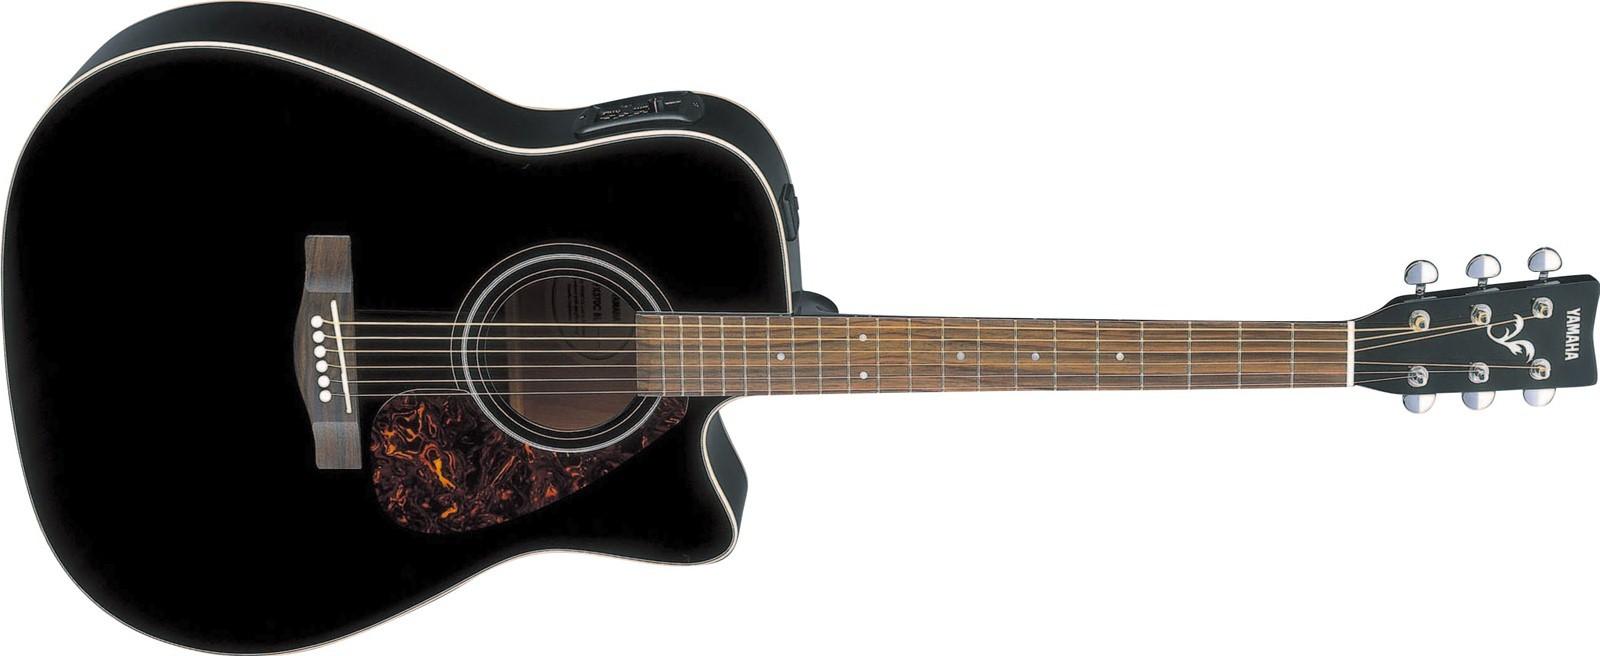 guitare folk electro acoustique yamaha fx370cbl black. Black Bedroom Furniture Sets. Home Design Ideas